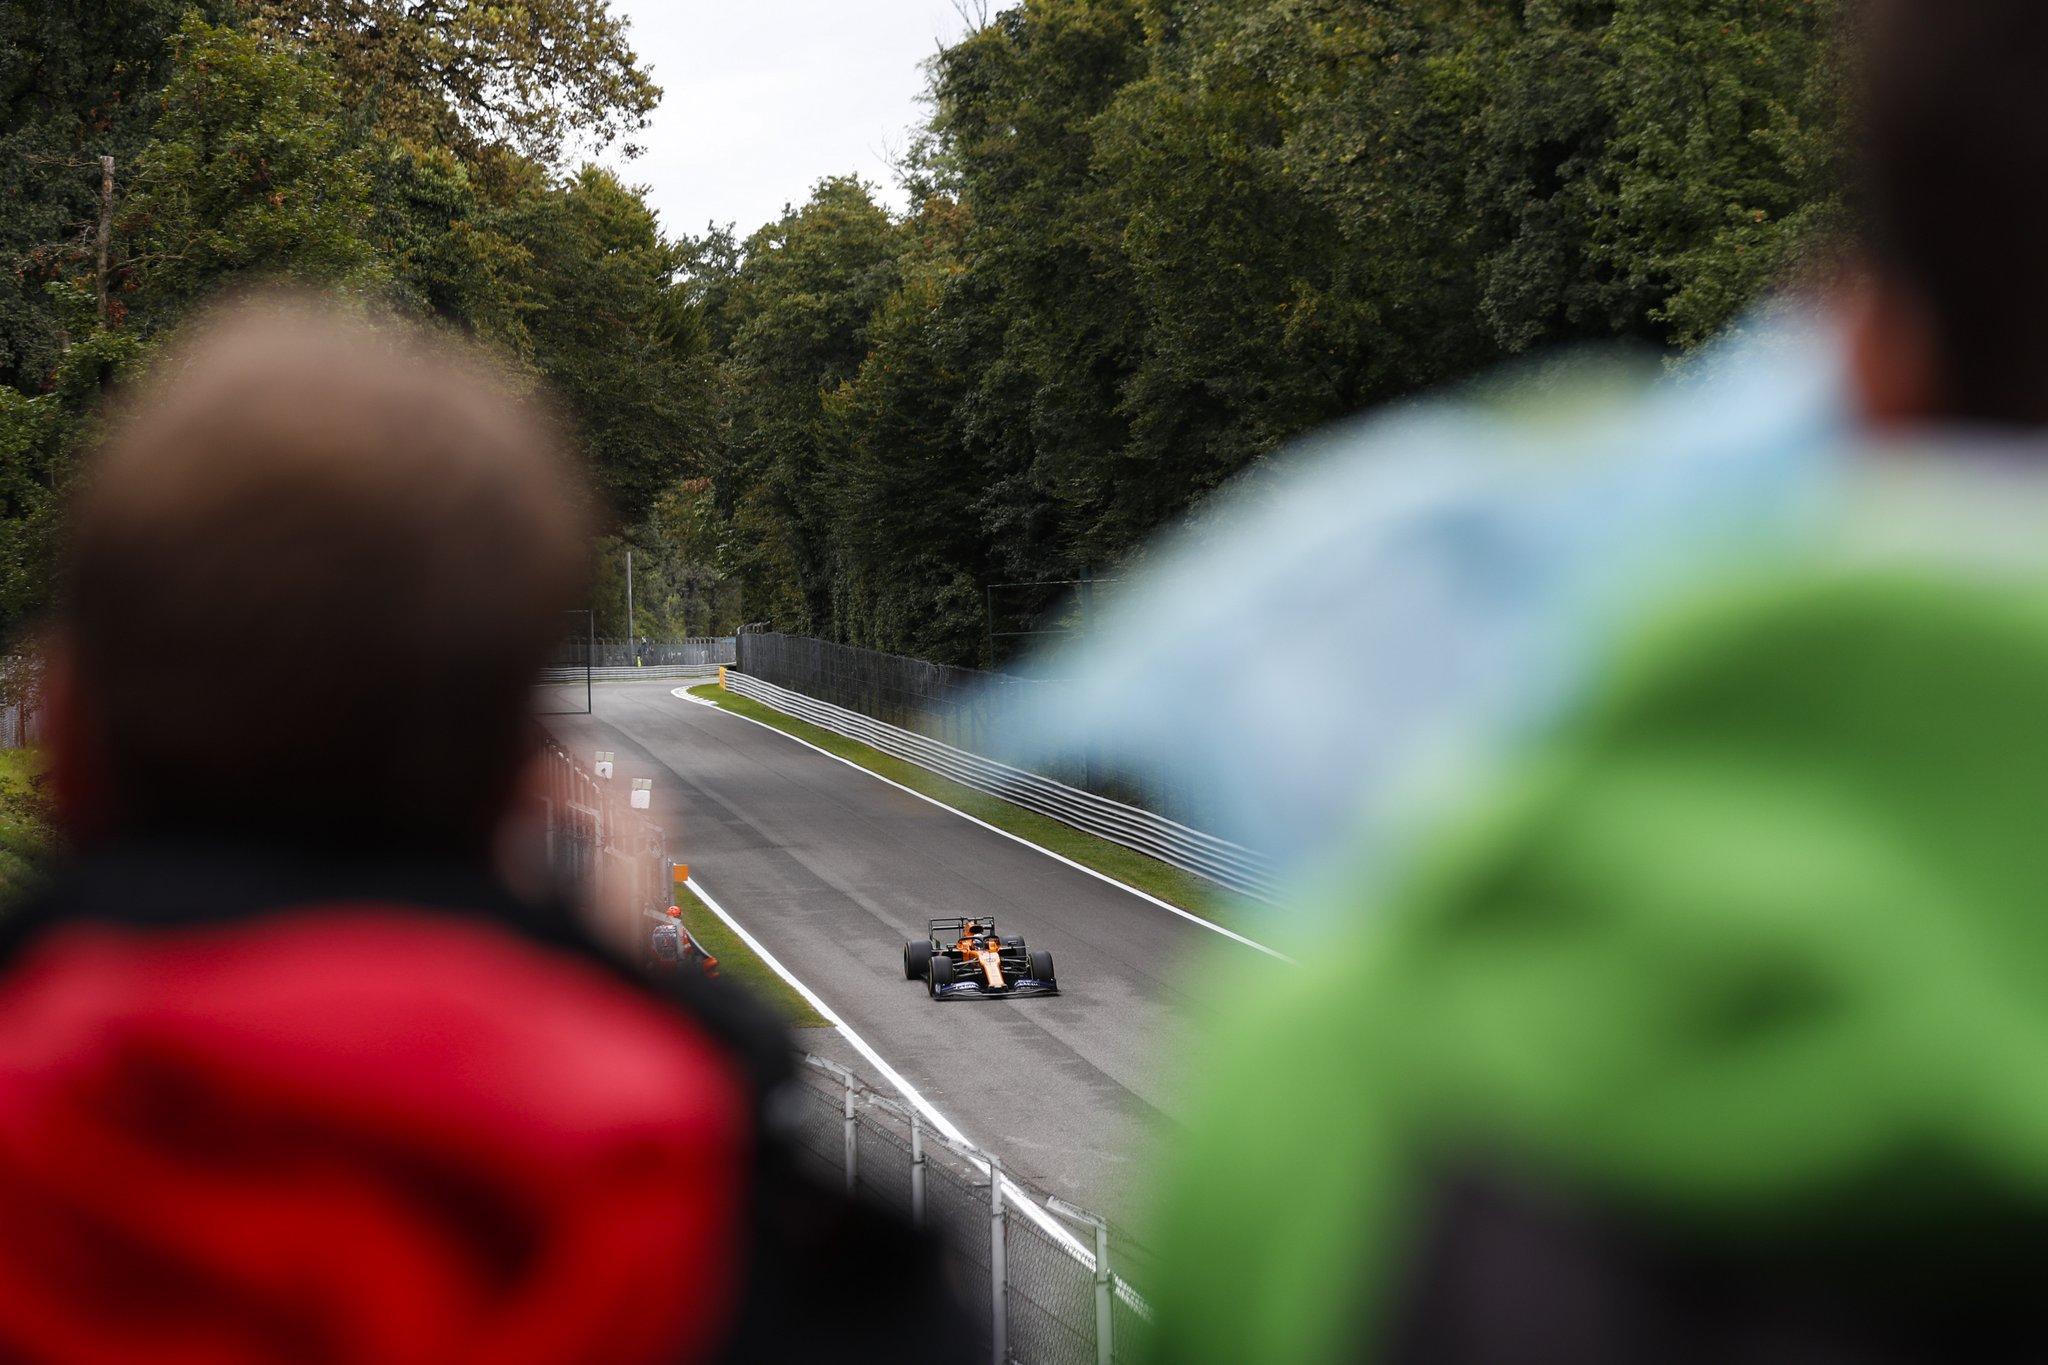 Fiasco en Q3 : Les commissaires de course demandent à la FIA de trouver une solution 1